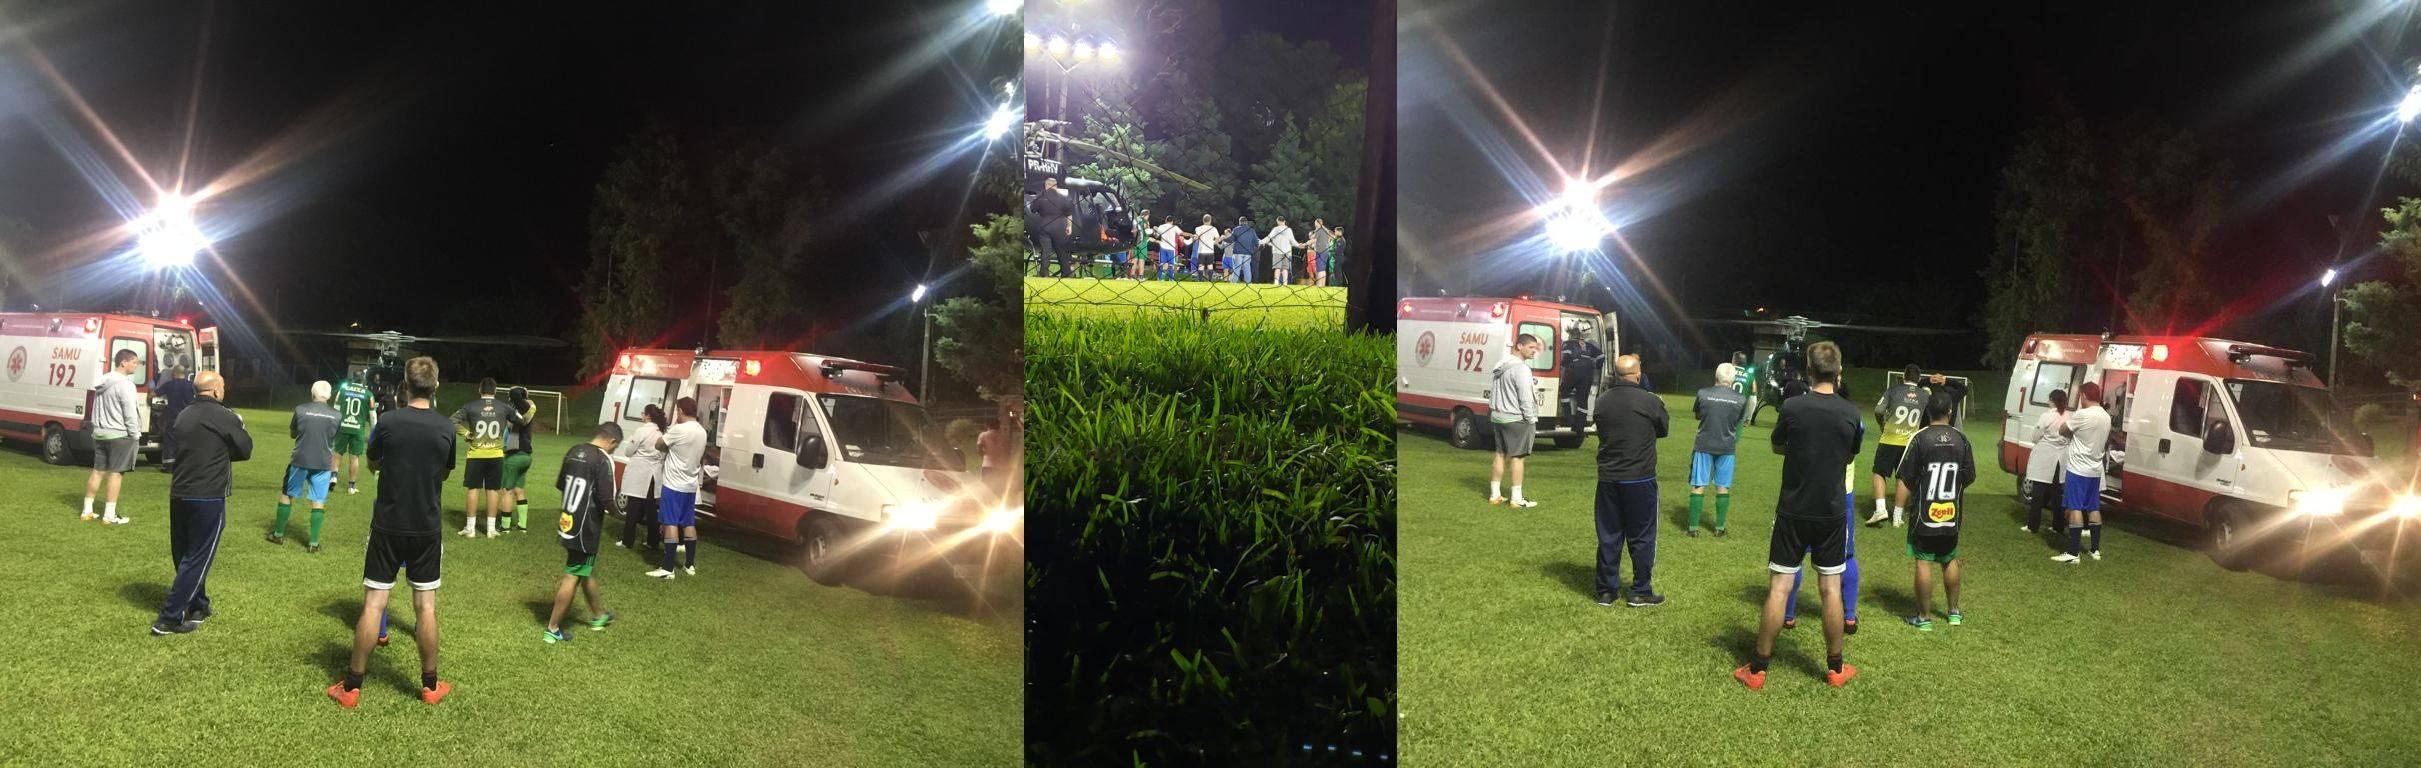 Colegas de futebol rezam para o resgate salvar o amigo Rafael Henzel (foto do meio).